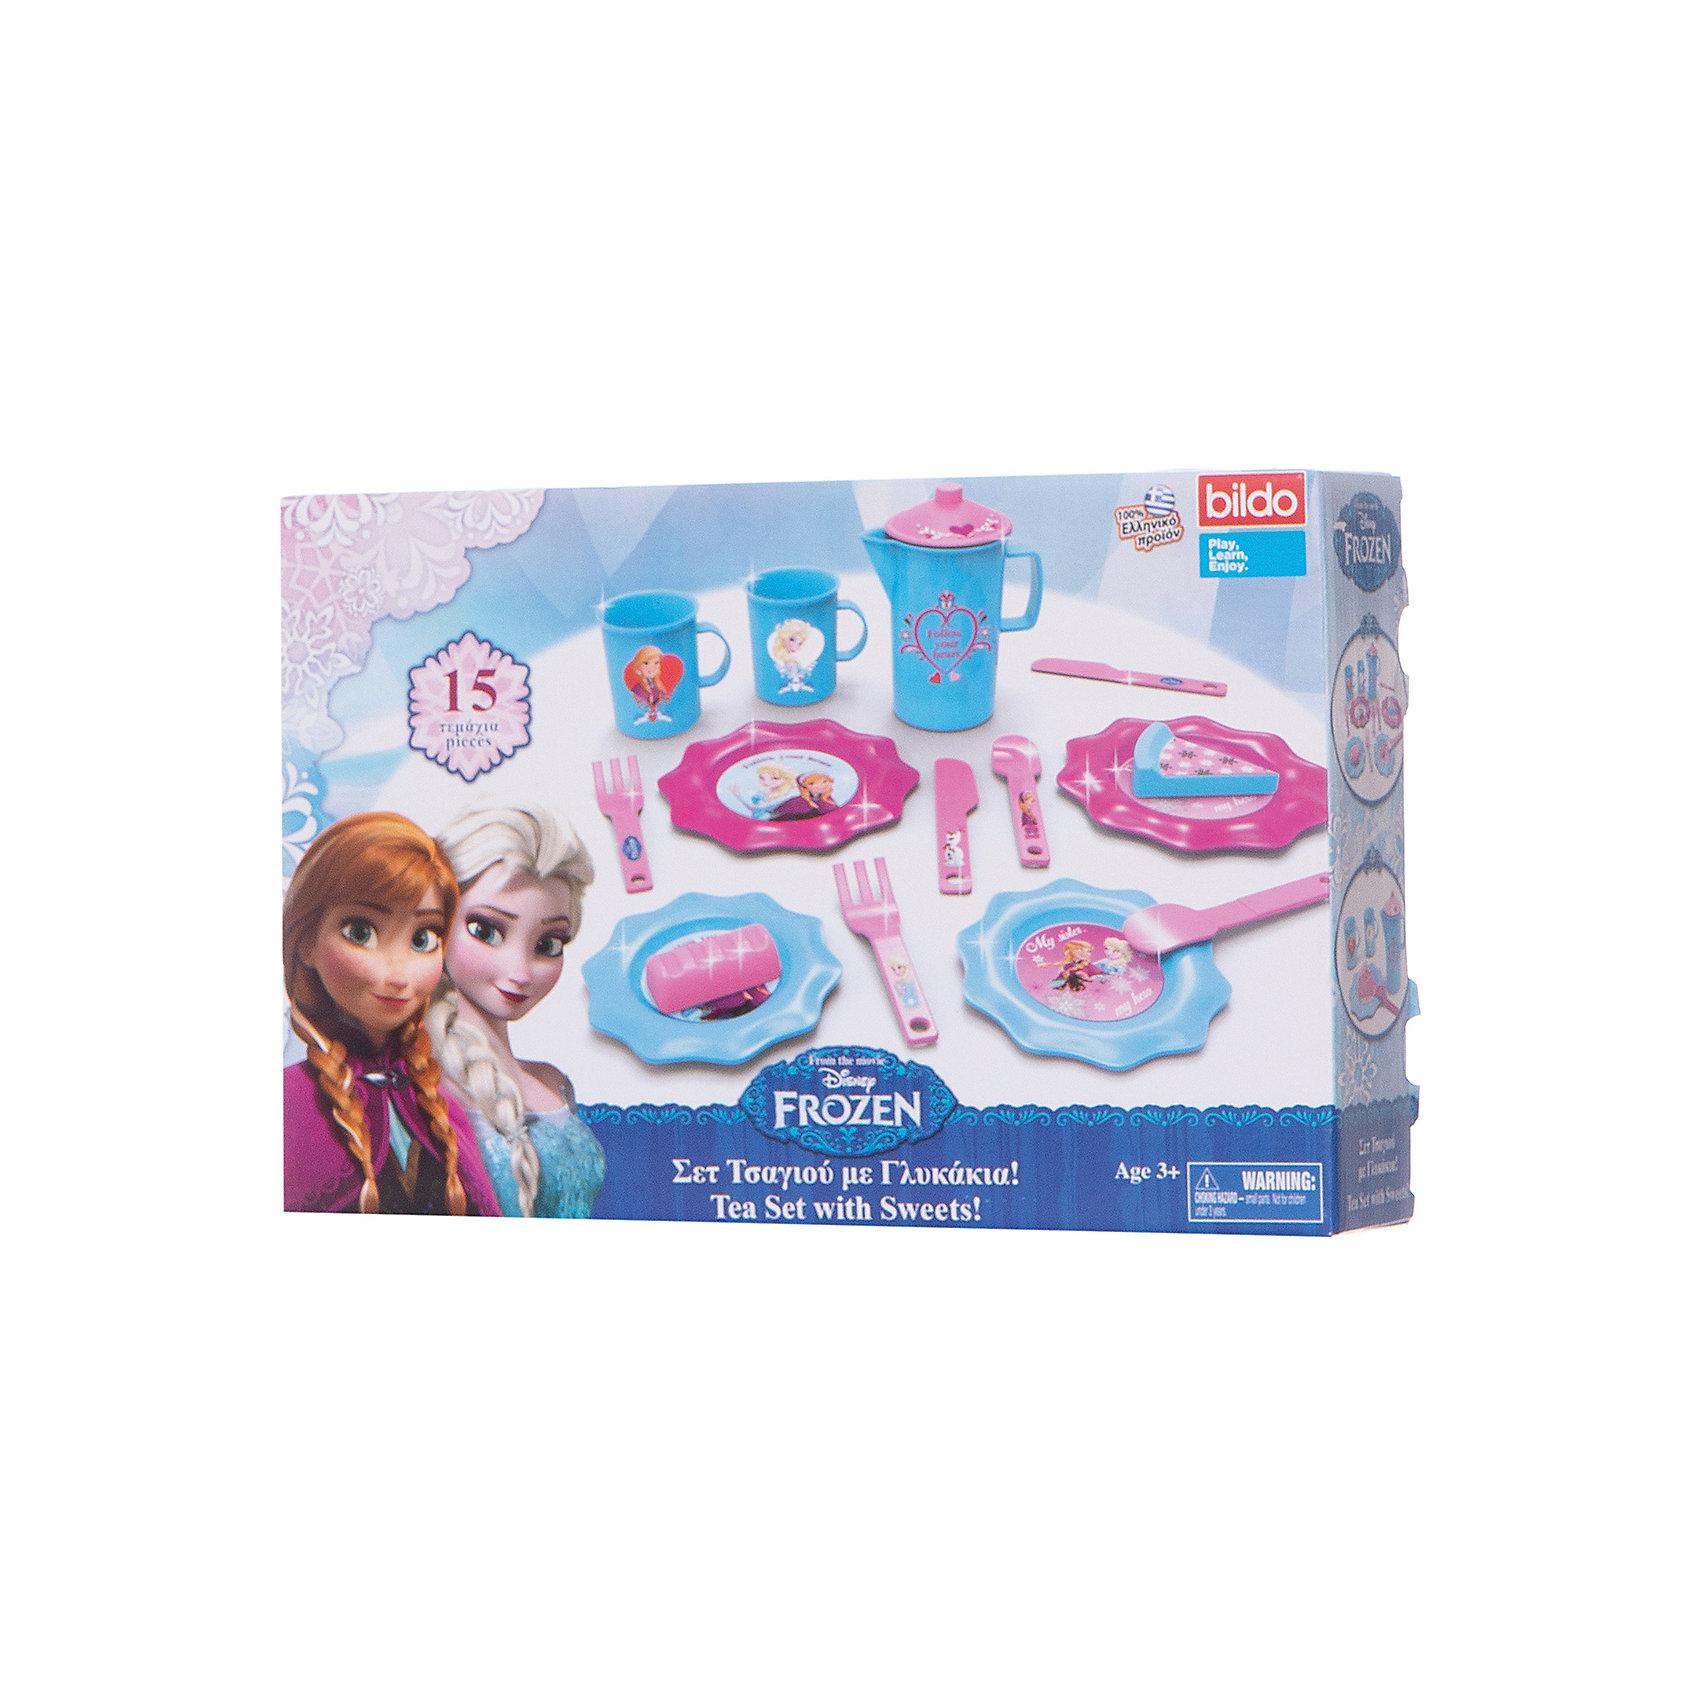 Набор посуды для чая Холодное сердце малый, BildoТрансформеры-игрушки<br>Набор посуды для чая Холодное сердце малый, Bildo.<br><br>Характеристики:<br><br>- В наборе: 2 кружки, 2 ложки, 2 ножа, 2 вилки, 4 тарелочки, чайник с крышкой, кусочек торта, пирожное<br>- Материал: пластик<br><br>Набор посуды для чая Холодное сердце станет основой для интересной сюжетной игры, в ходе которой дети смогут развить свою фантазию и воображение. Набор идеально подойдет для игры в дочки-матери, гостей или кухню. Можно пригласить на полдник своих подружек или любимых кукол. Играя, девочка научится базовым правилам этикета и сервировки стола. Элементы набора выполнены в голубом и розовом цвете и дополнены декоративными наклейками. Набор изготовлен из качественного безопасного пластика.<br><br>Набор посуды для чая Холодное сердце малый, Bildo можно купить в нашем интернет-магазине.<br><br>Ширина мм: 500<br>Глубина мм: 350<br>Высота мм: 90<br>Вес г: 300<br>Возраст от месяцев: 36<br>Возраст до месяцев: 60<br>Пол: Женский<br>Возраст: Детский<br>SKU: 5054121